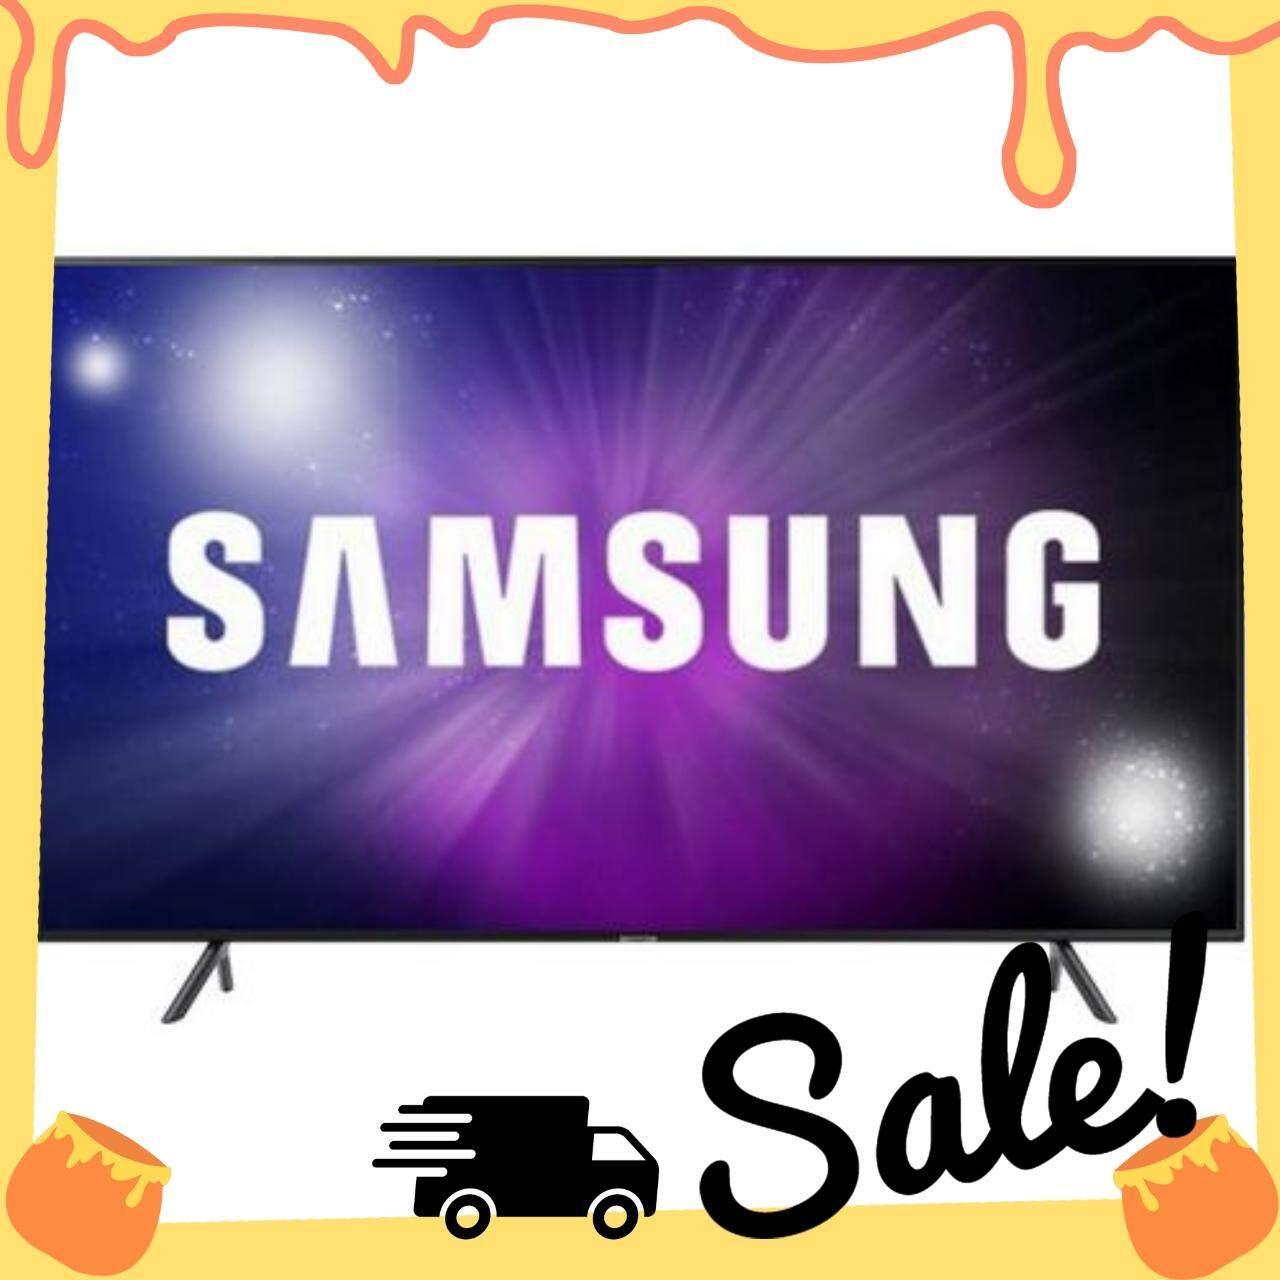 แอลอีดีทีวี 58  Samsung Ua58ru7100kt  Samsung  Ua58ru7100kt ทีวี 32 ทีวี 40 นิ้ว Smart Tv ทีวี 55 นิ้ว Smart Tv ทีวี 24 โทรทัศน์ ดู ทีวี ราคา ทีวี ทีวี ทีวี ราคา ถูก ส มา ร์ ท ทีวี ราคา โทรทัศน์ ทีวี ราคา ราคา ทีวี ซัม ซุง ทีวี ดิจิตอล รา.